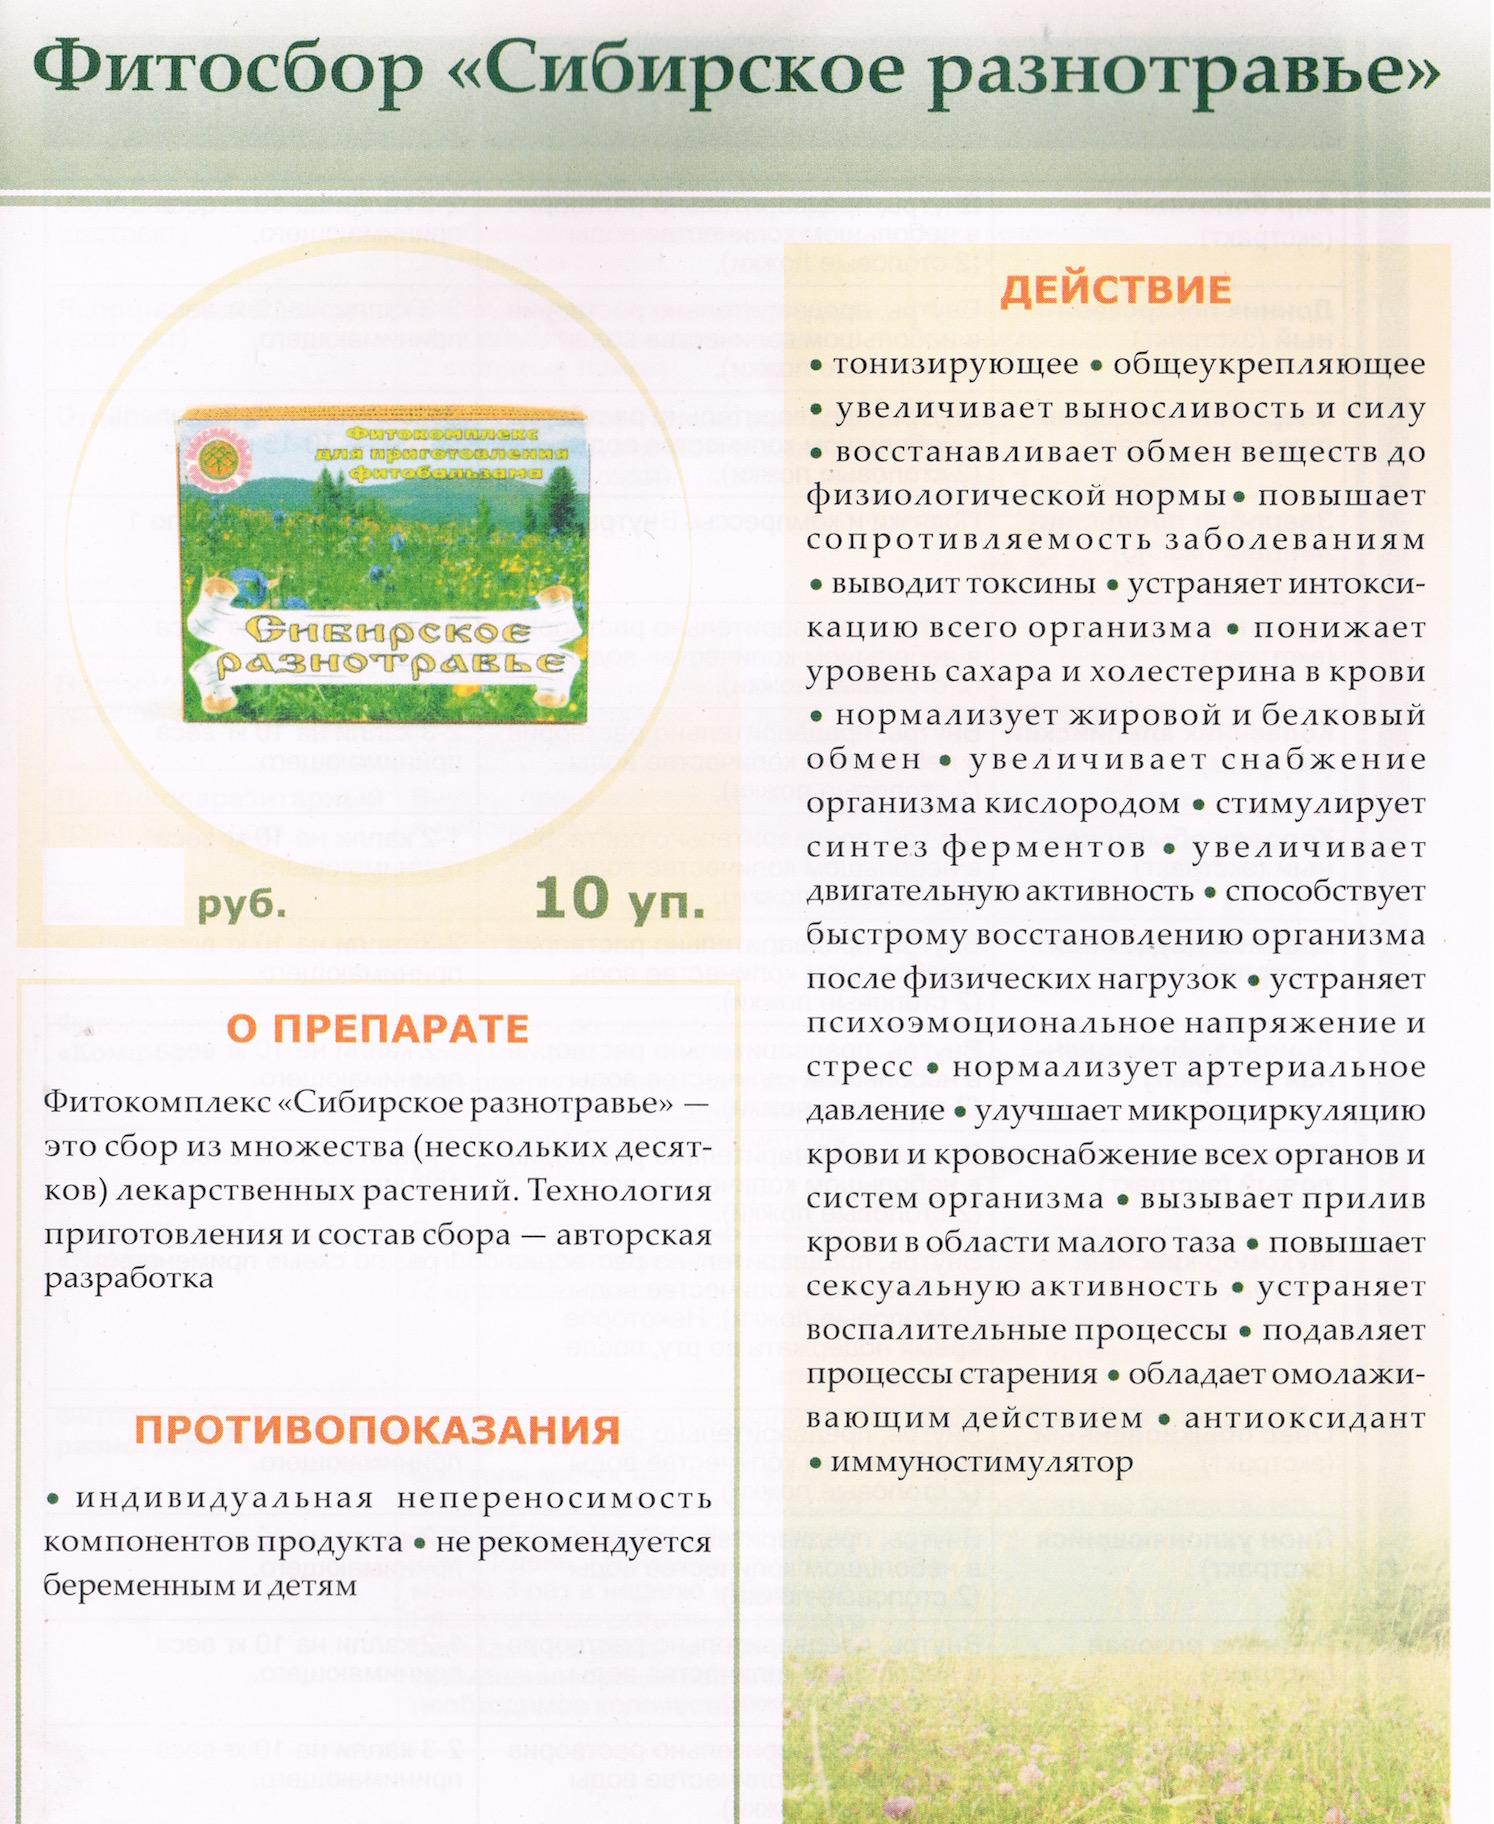 Сибирское разнотравье